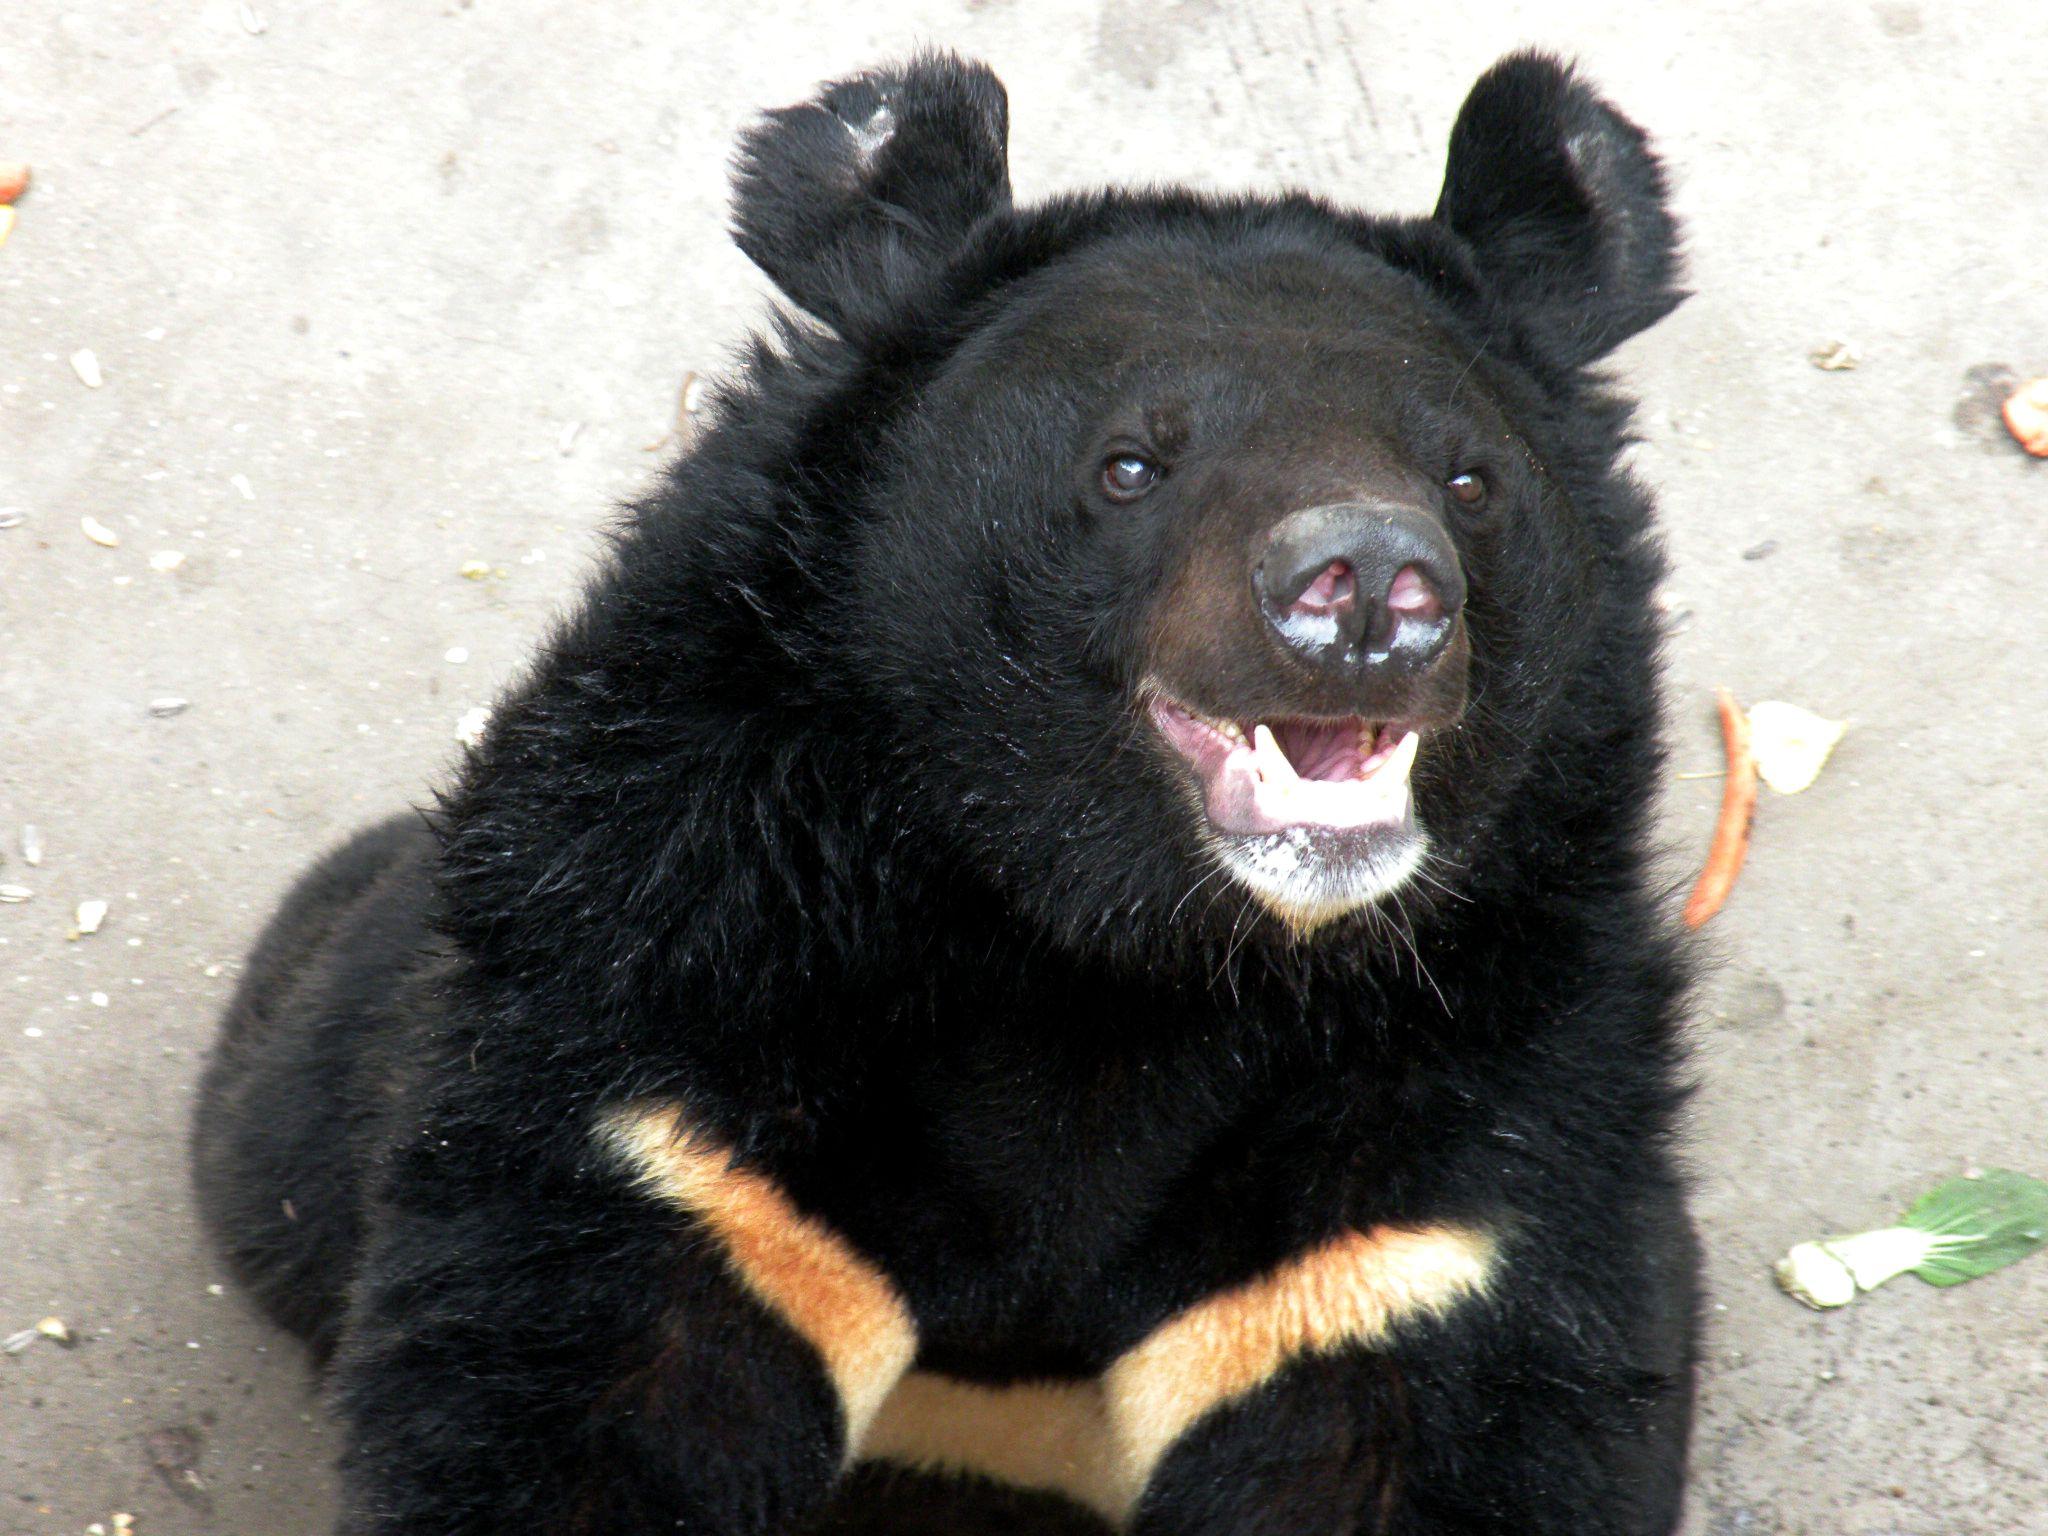 以前没怎么注意过黑熊